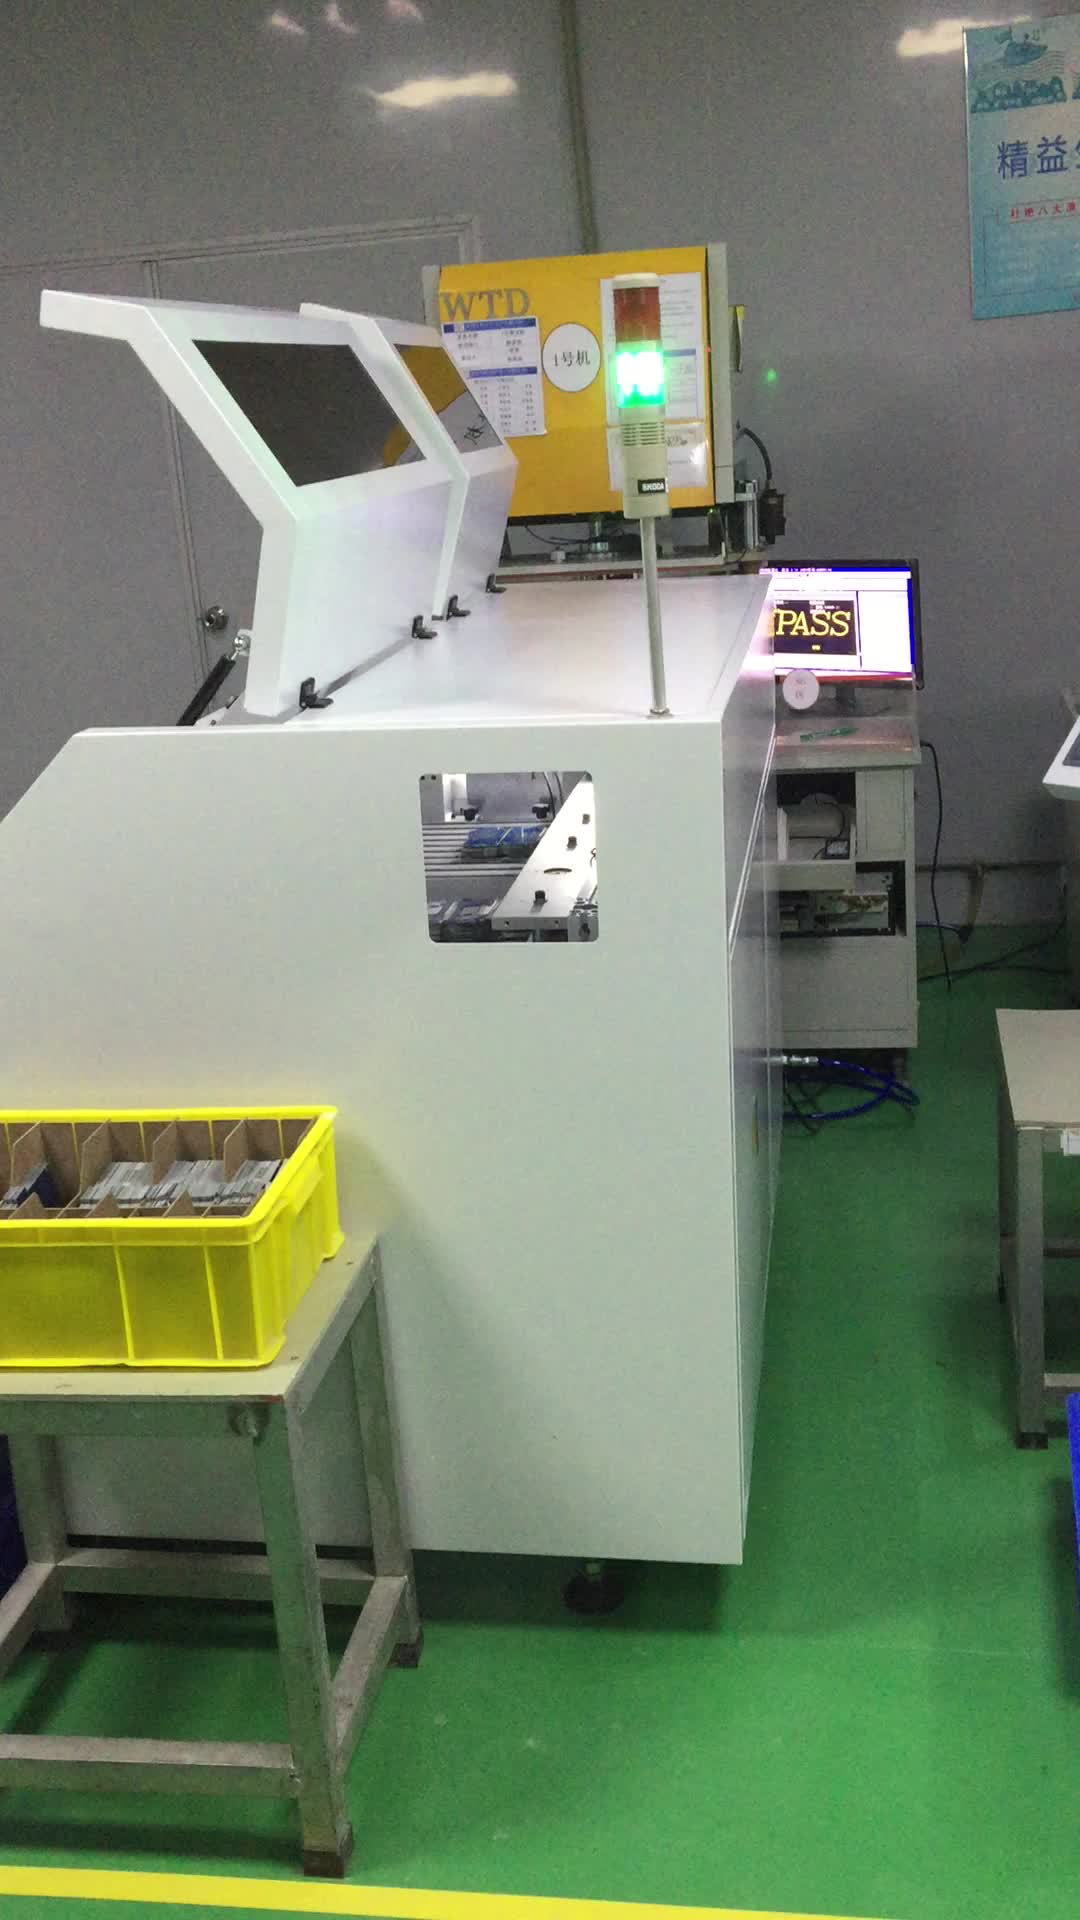 高需要 Pcb 製造、 Pcb 設計とアセンブリ